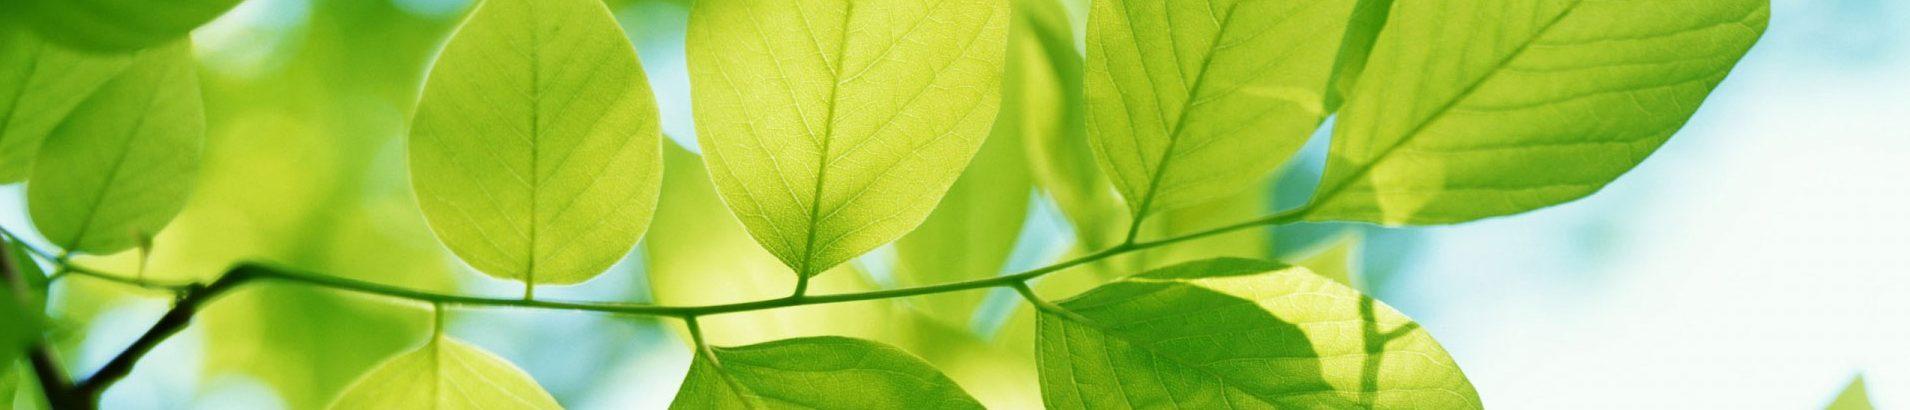 Pueraria Mirifica feuilles